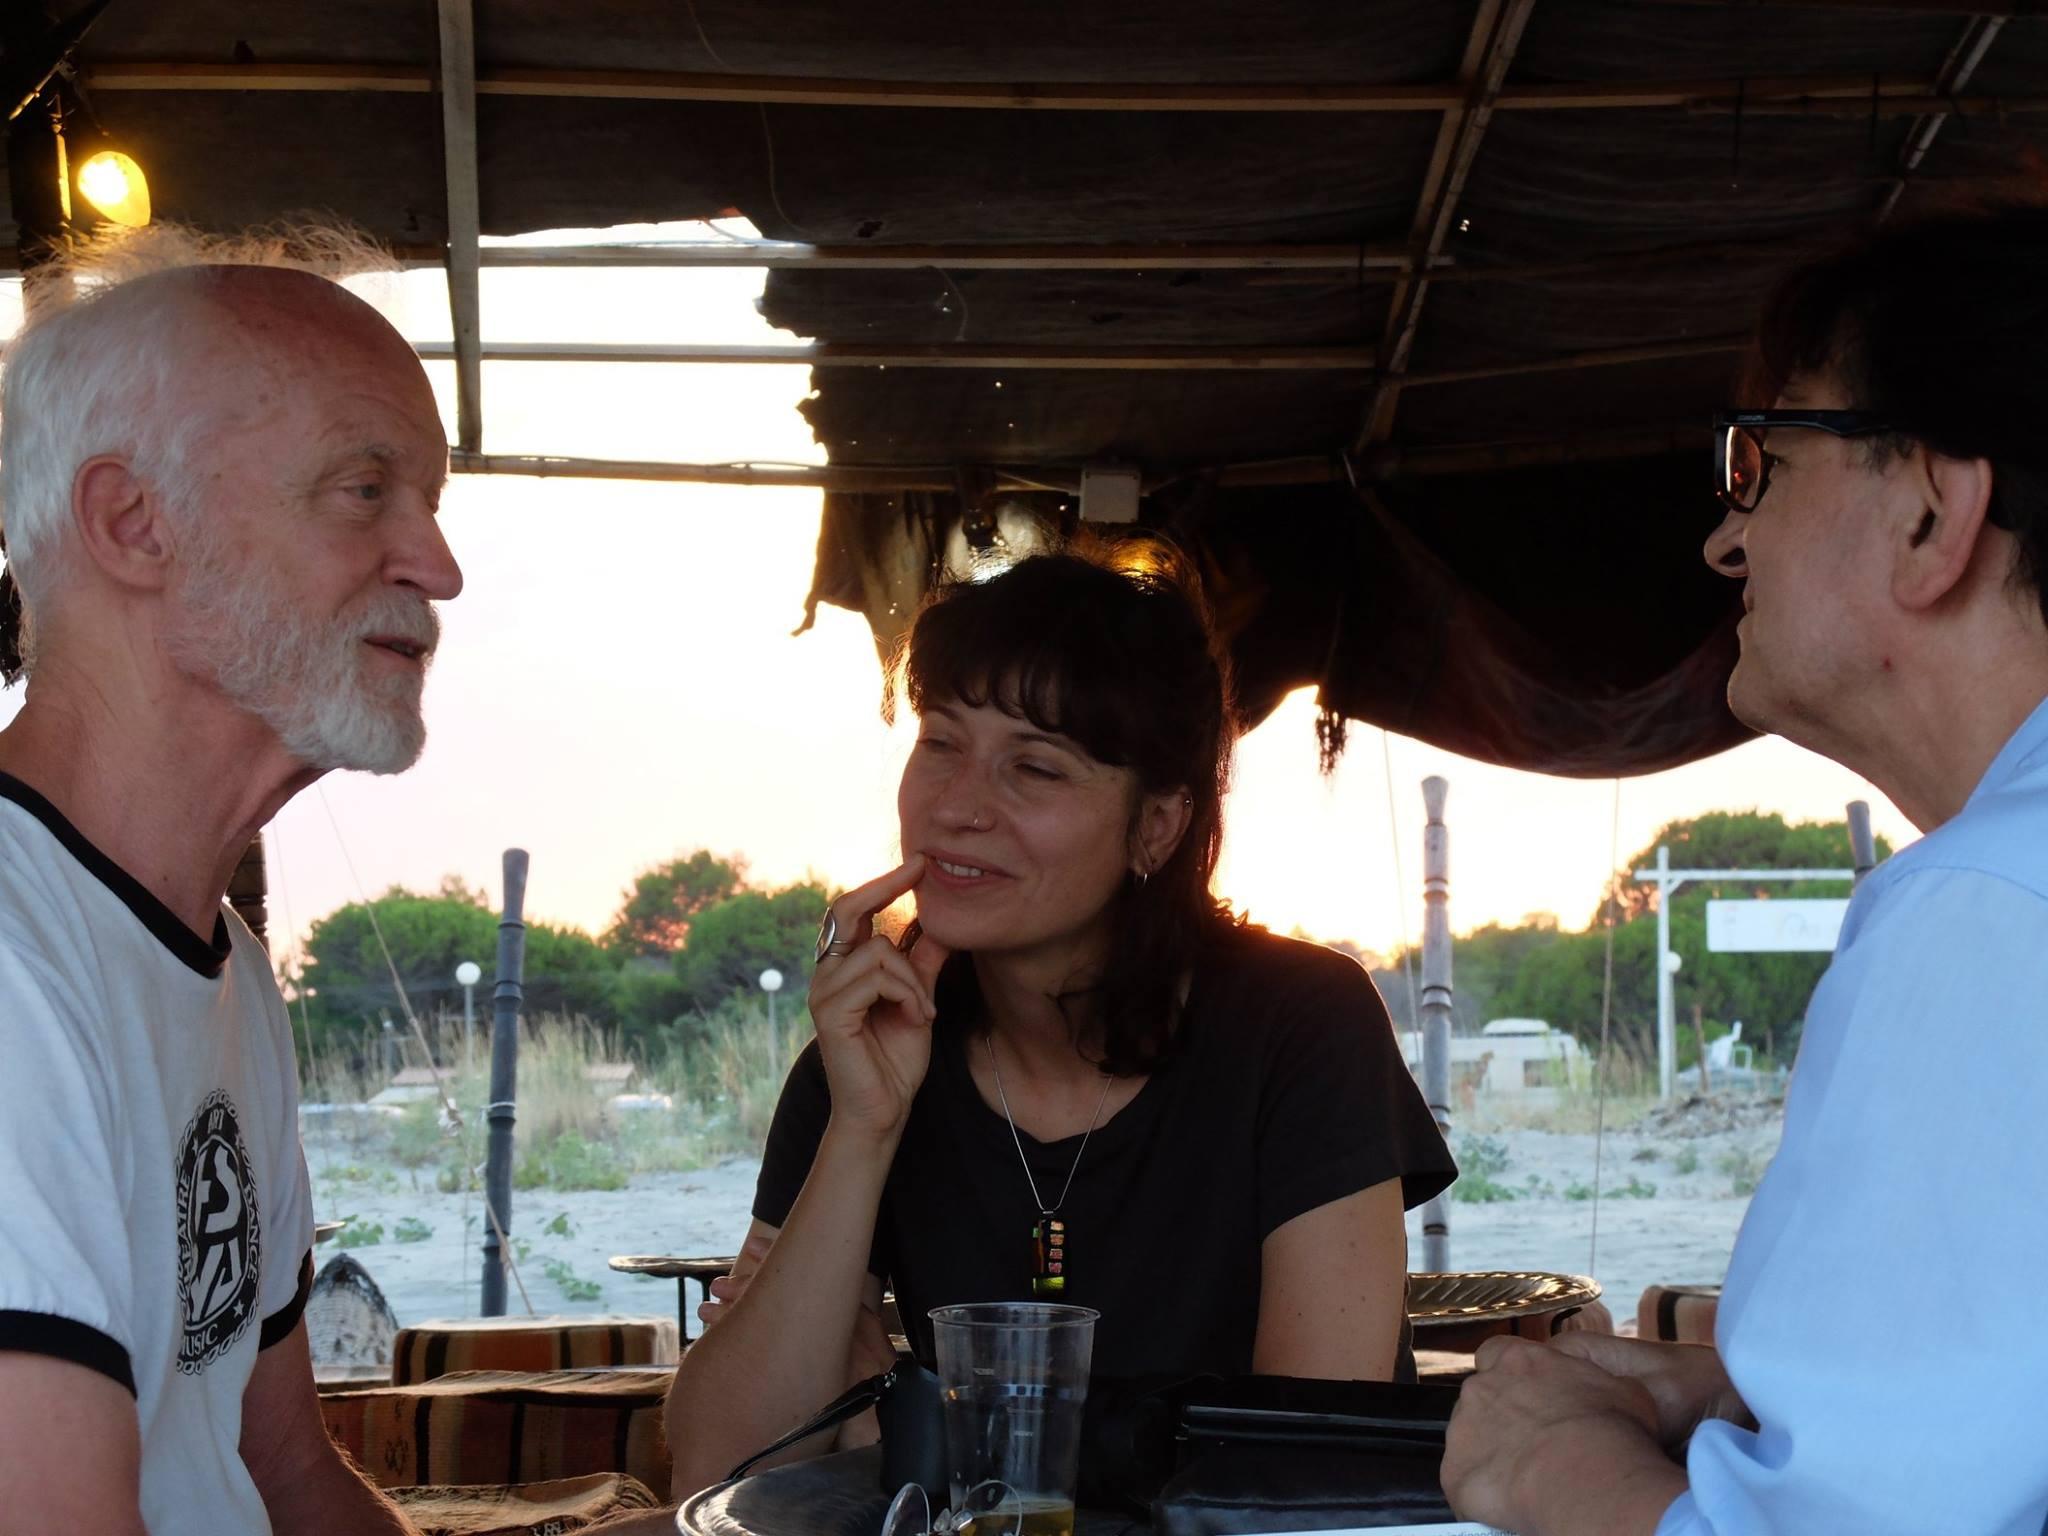 durante l'intervista a jon jost - foto di Giuseppe tumino (2)